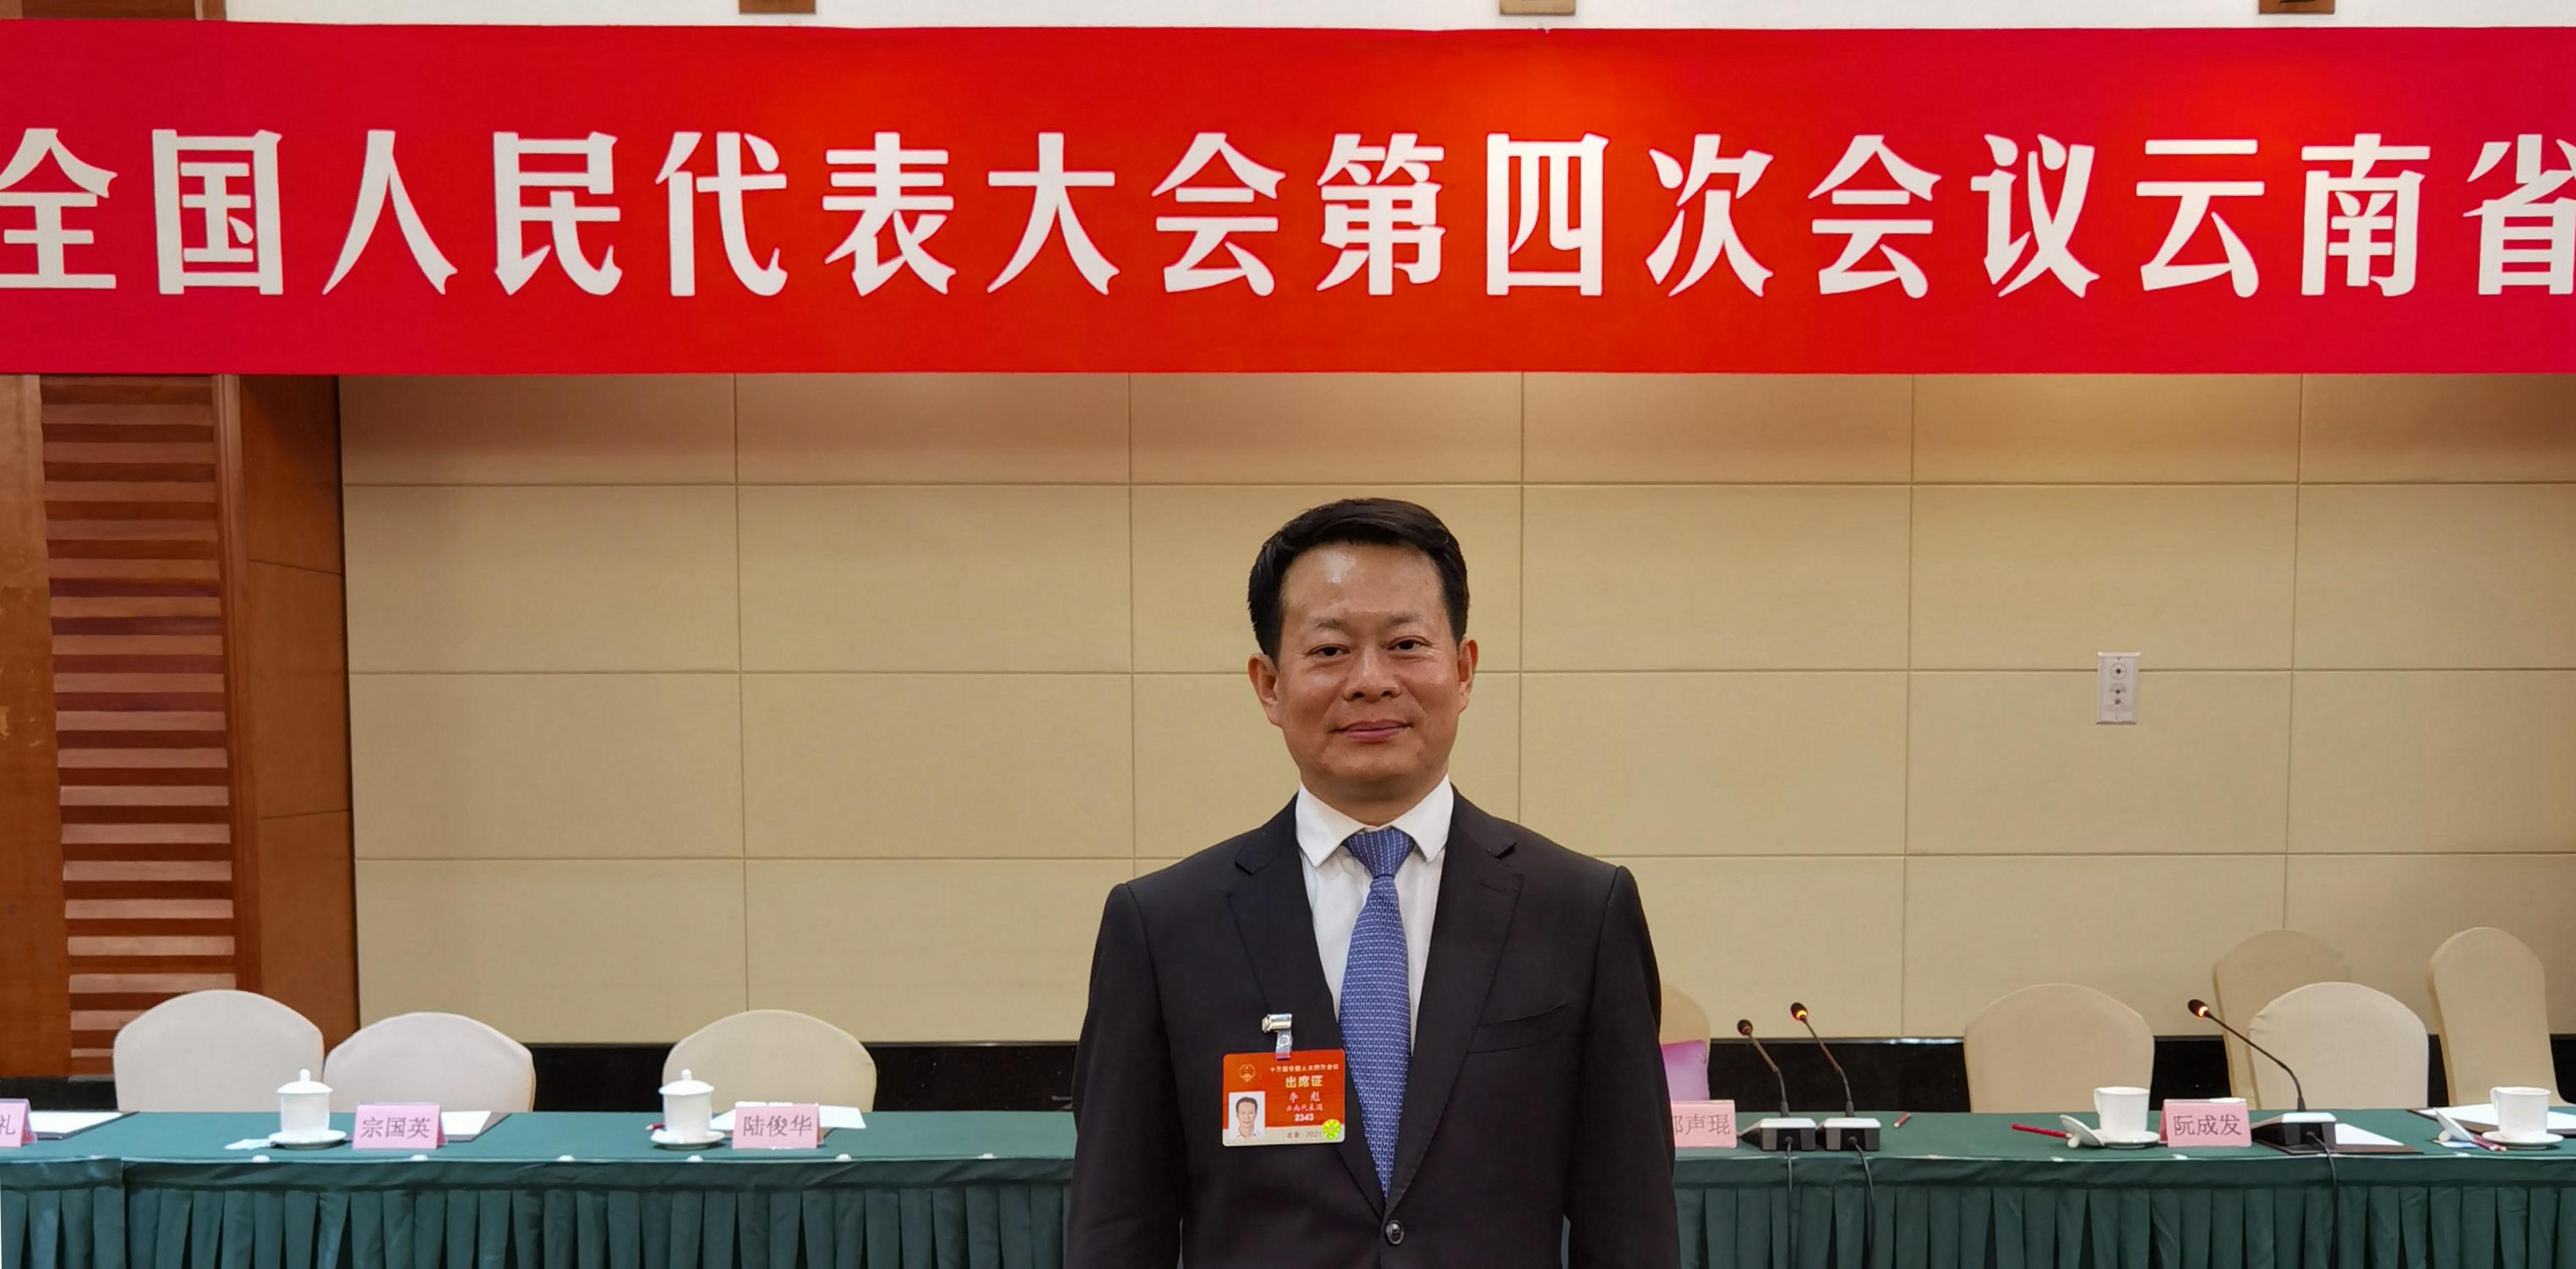 全国人大代表、昊邦医药集团董事长李彪_副本.jpg